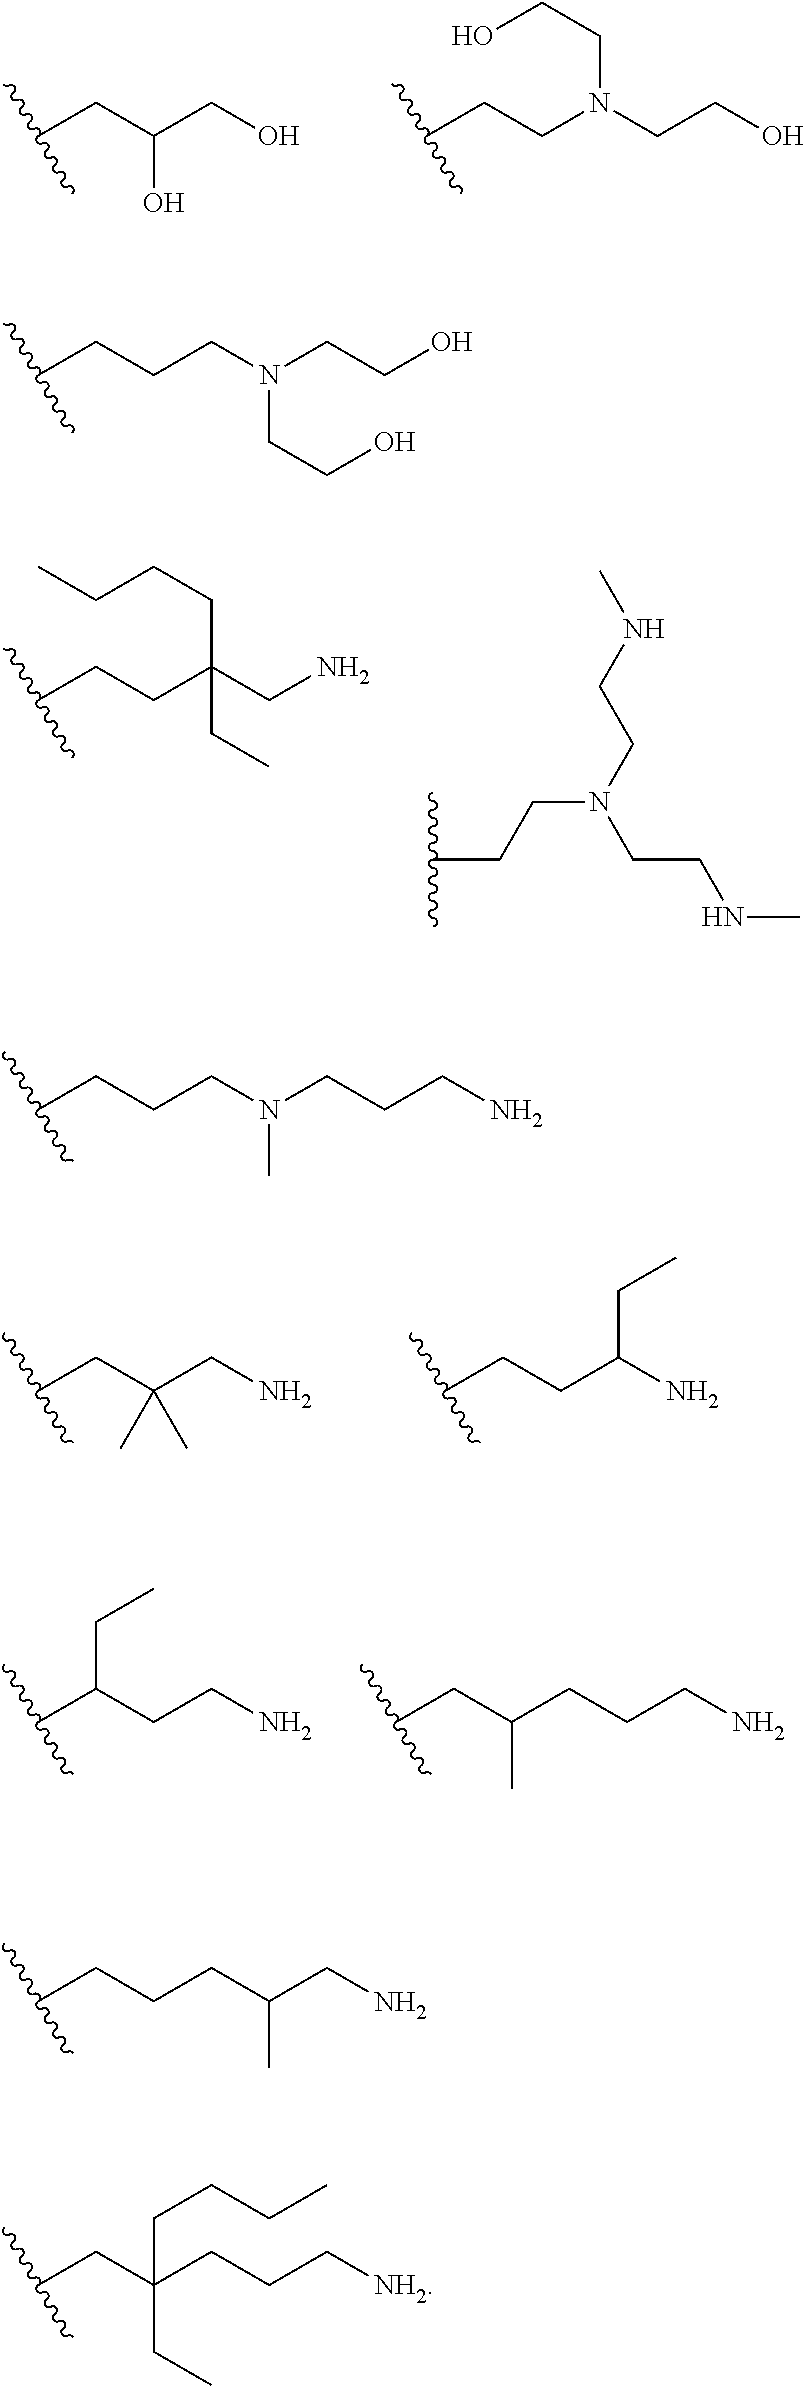 Figure US08562966-20131022-C00028